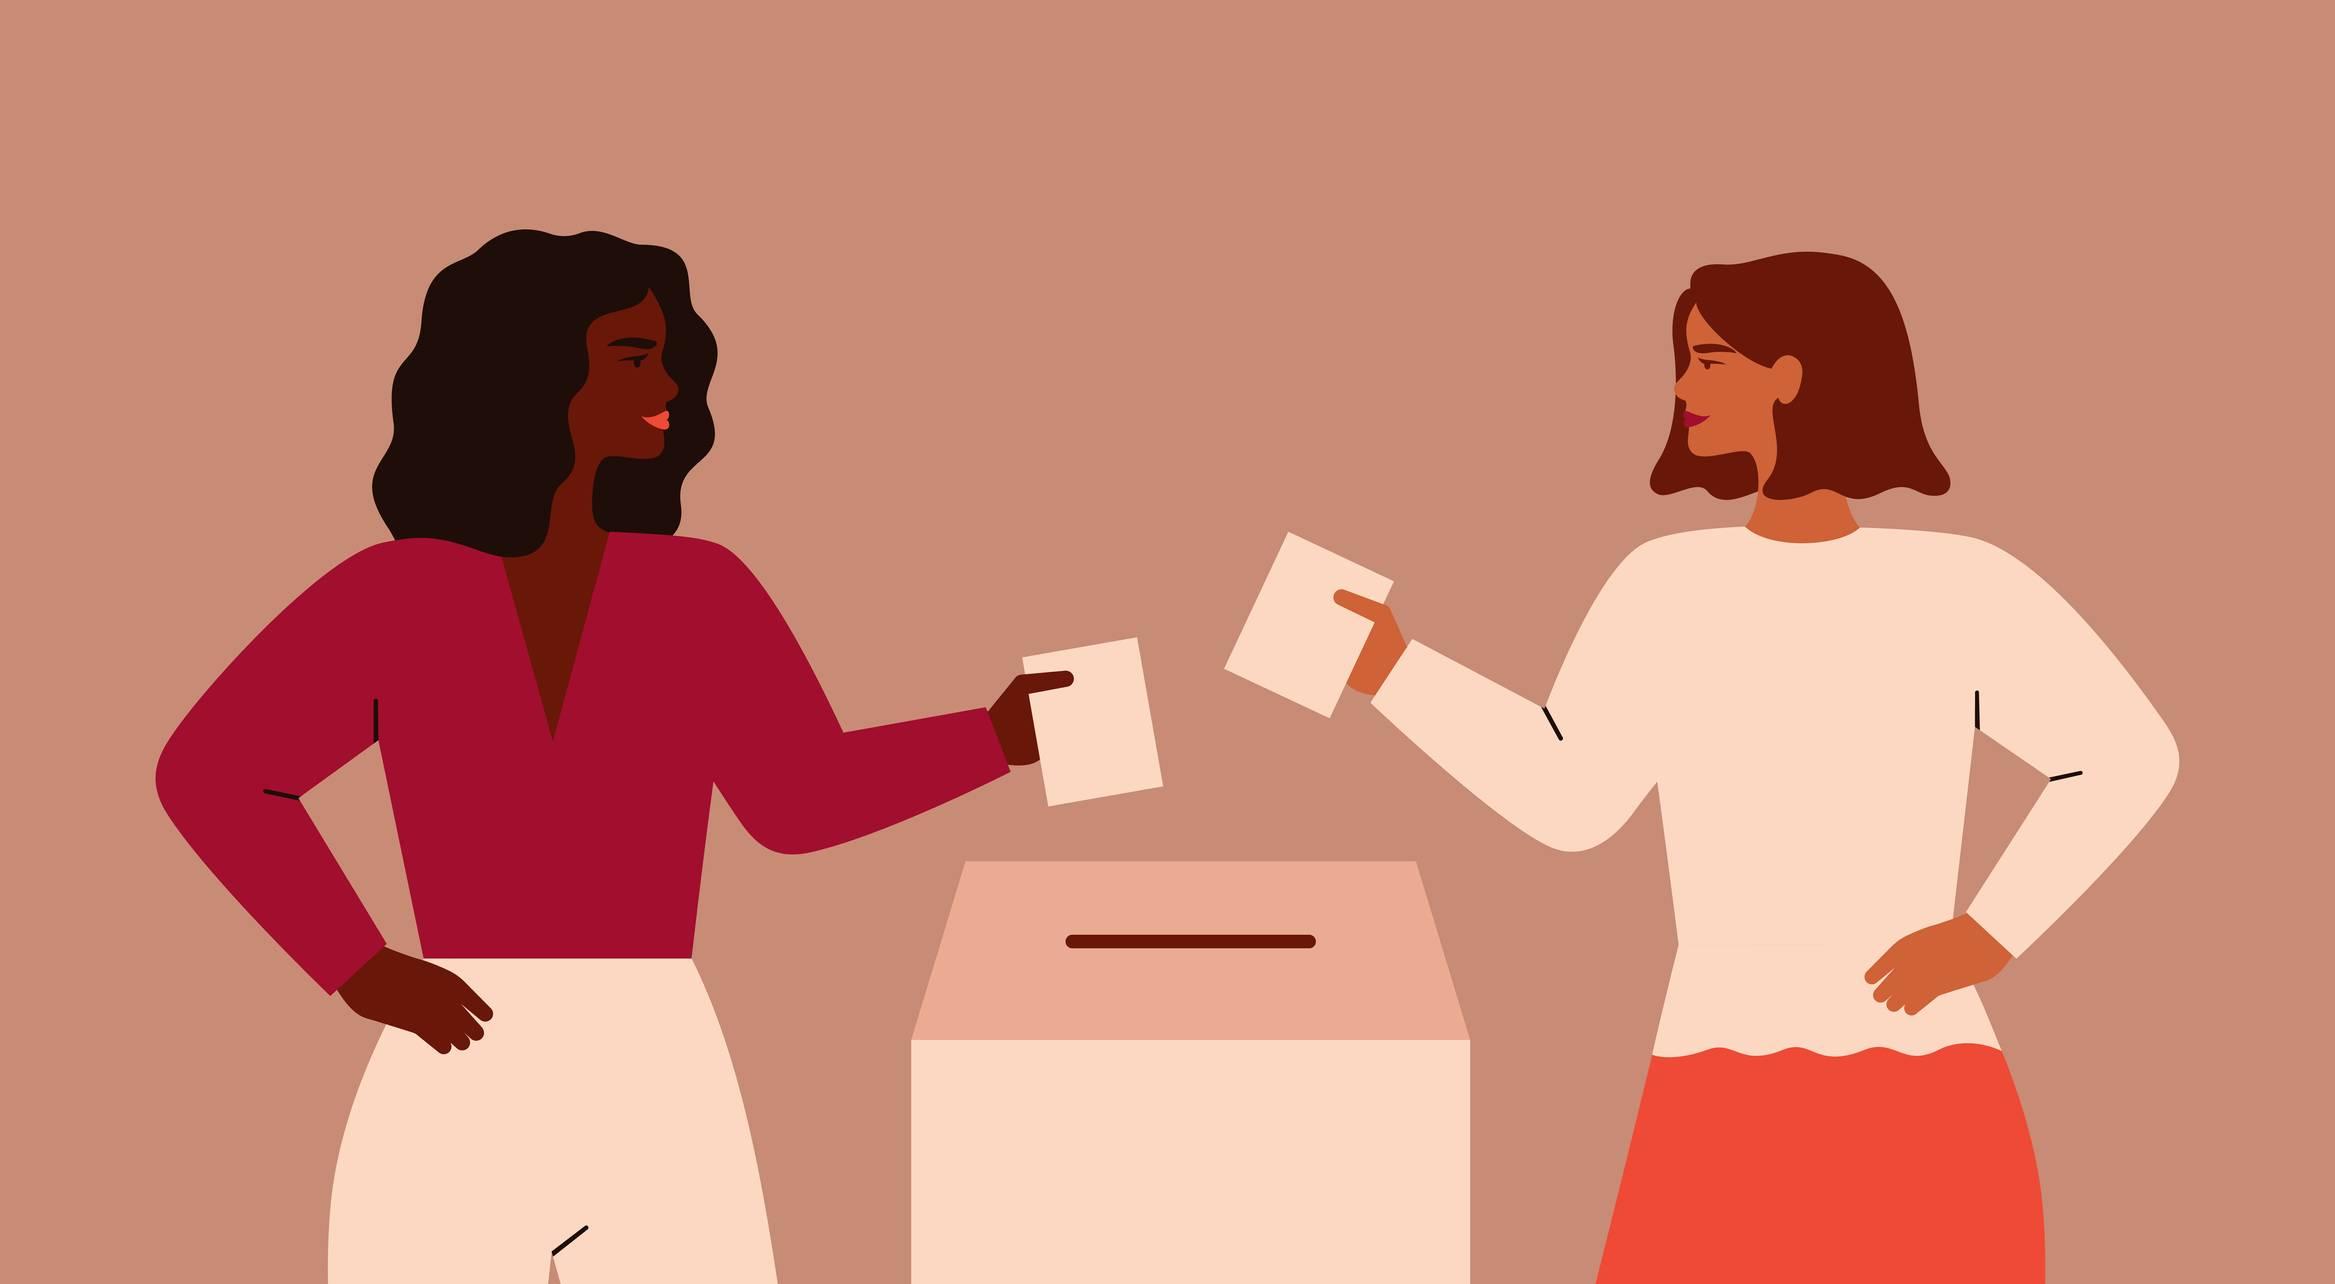 www.juicysantos.com.br - voto feminino em santos sp